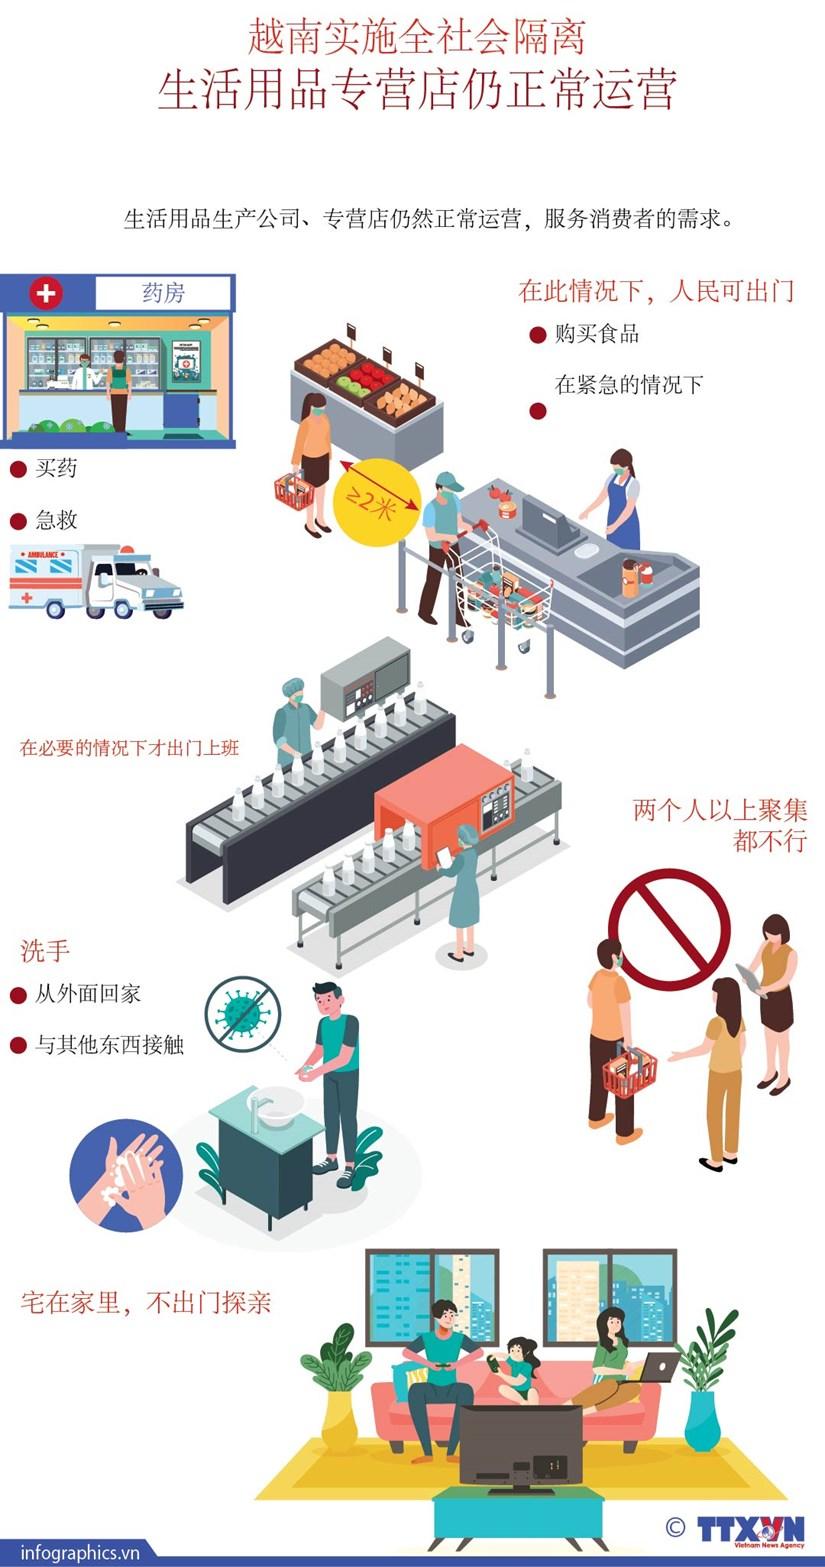 图表新闻:越南实施15天全社会隔离 生活用品专营店仍正常运营 hinh anh 1